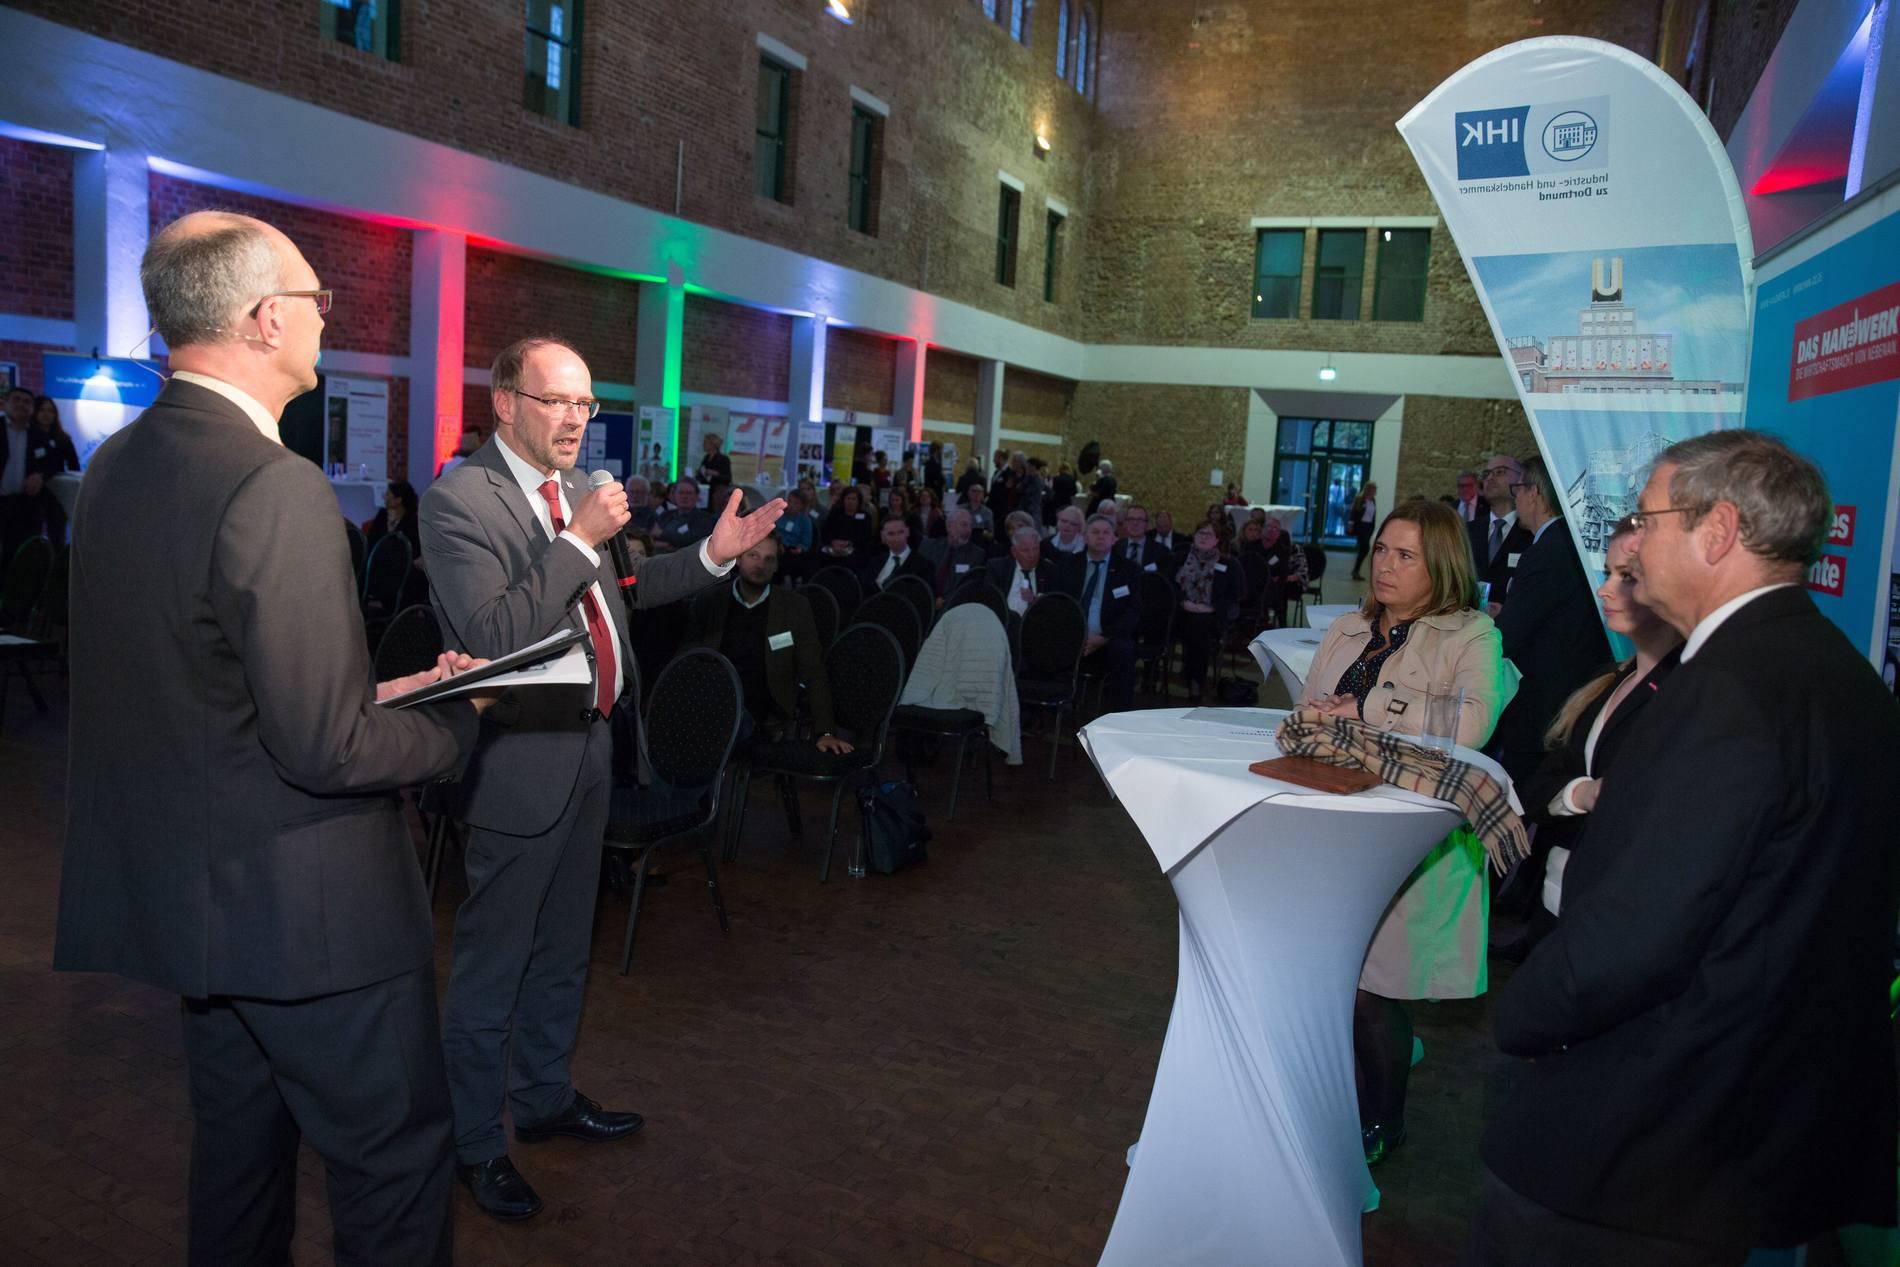 NRW DAS MACHEN WIR Ausbildungsinitiative der Handwerkskammer Dortmund: Rollout für Flüchtlinge